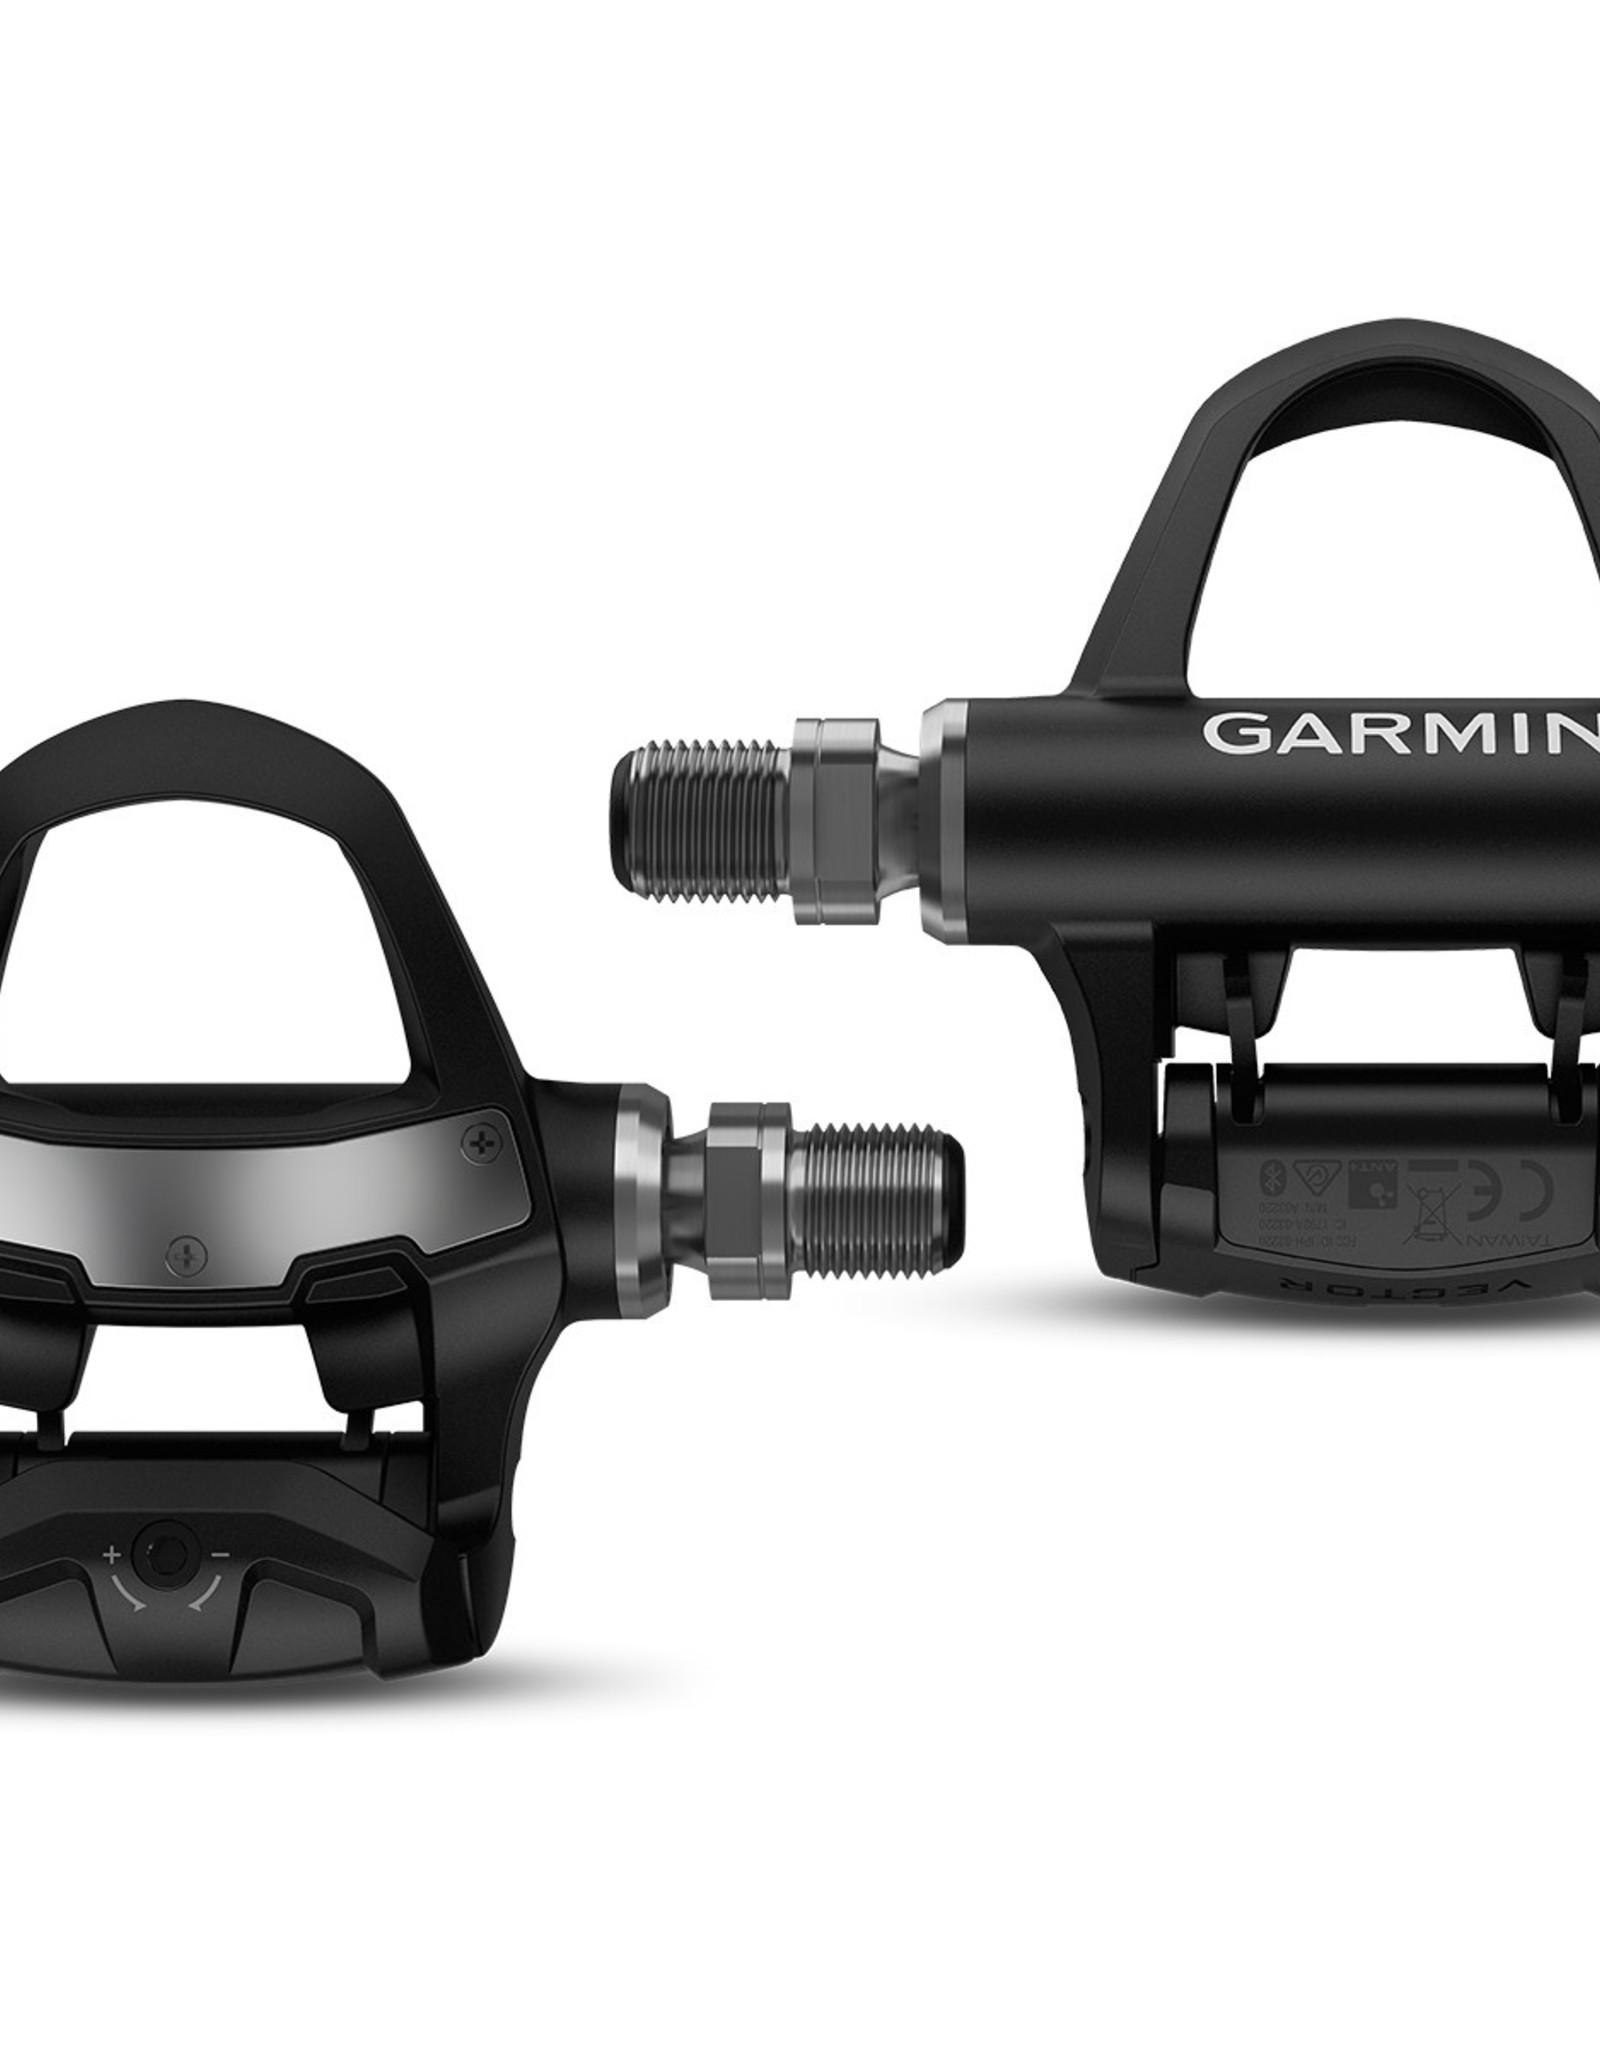 Garmin Garmin Vector 3S Pedals